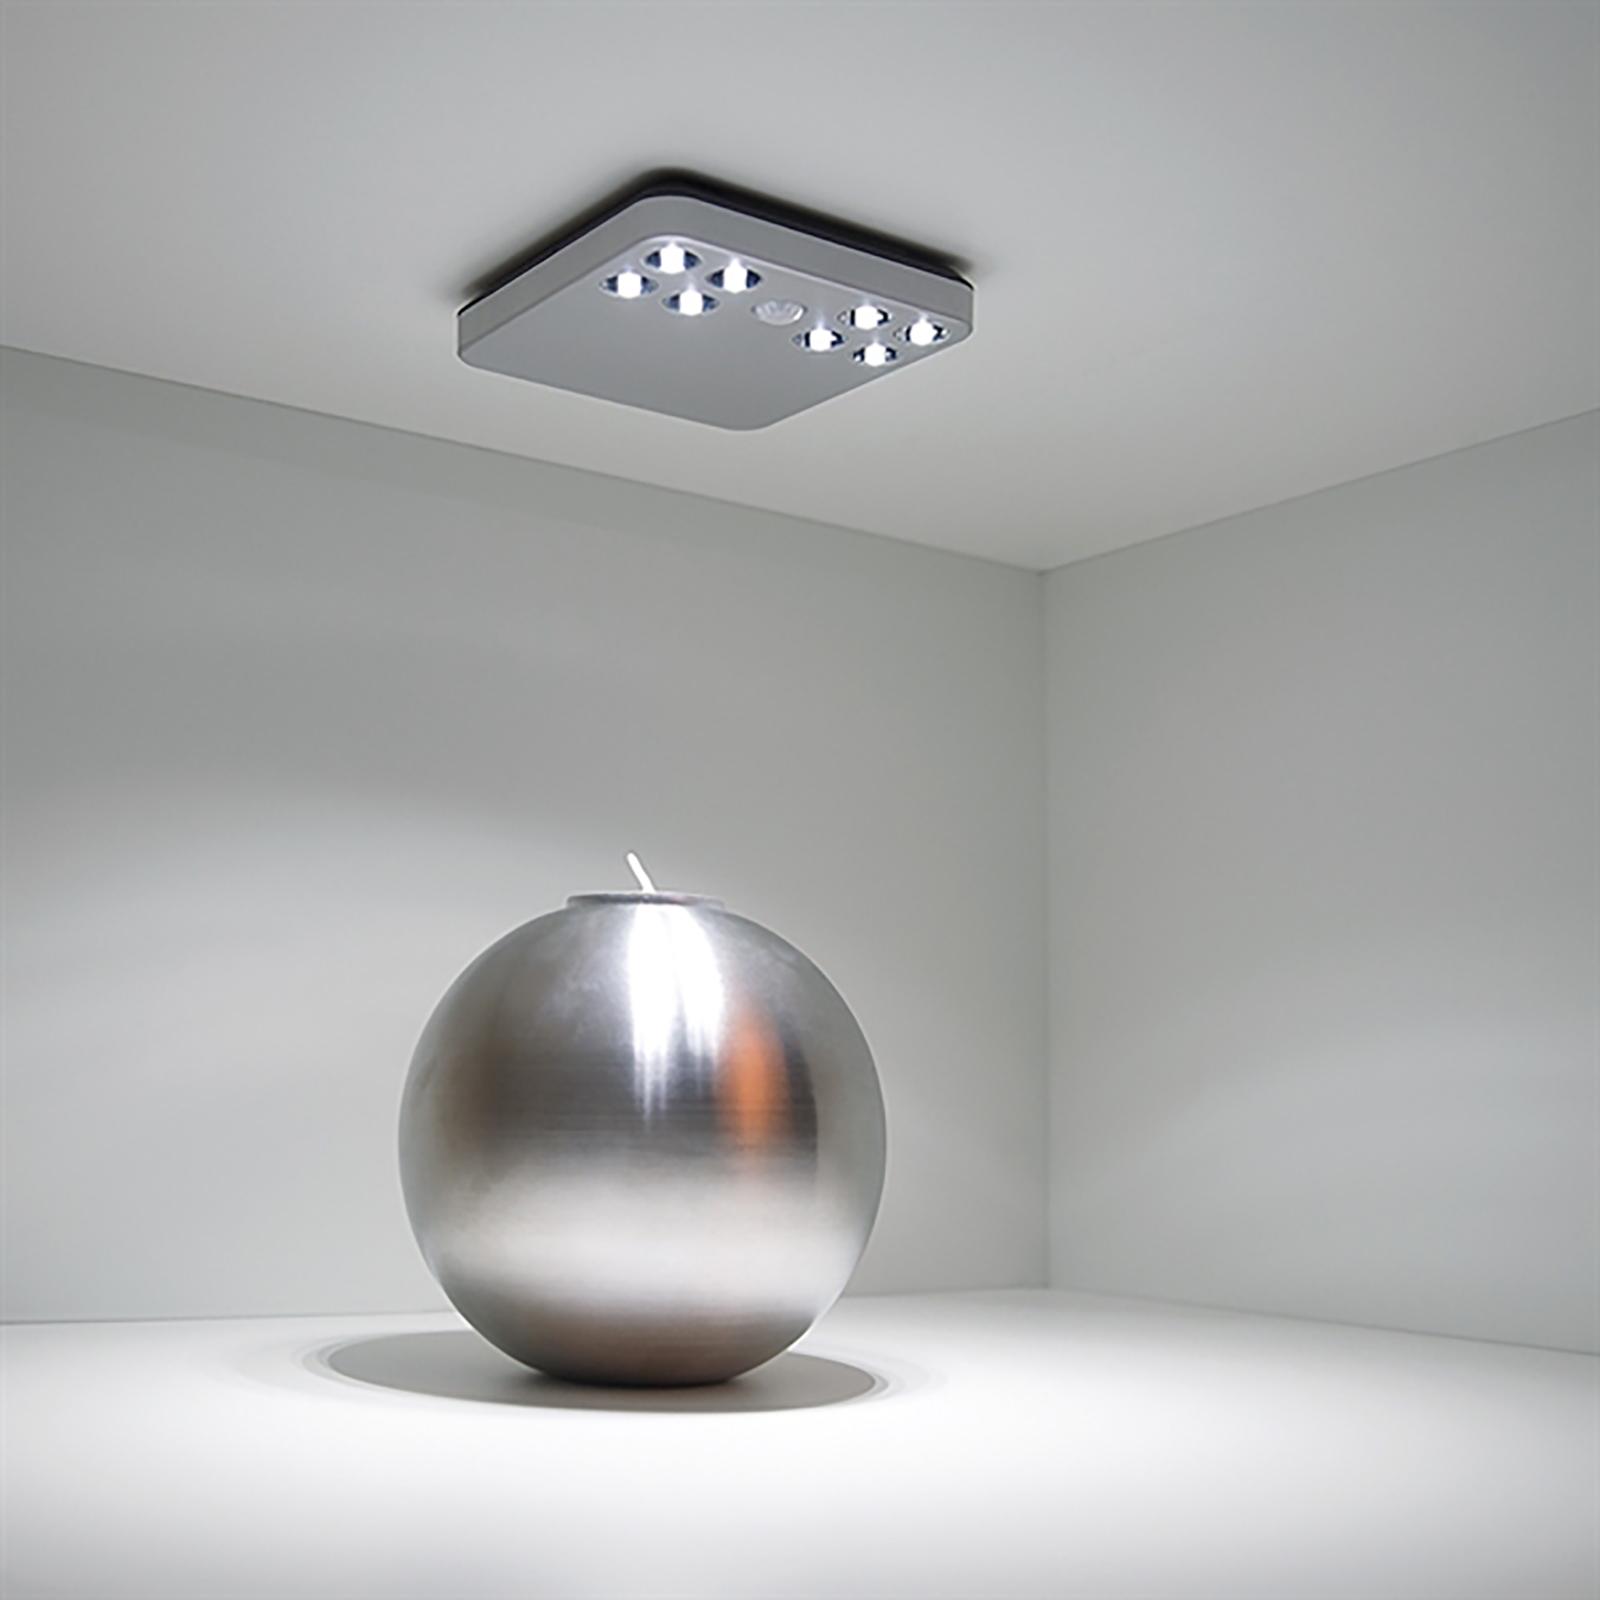 Califfo led batteria planetitaly lampada luce led - Luce per cucina ...